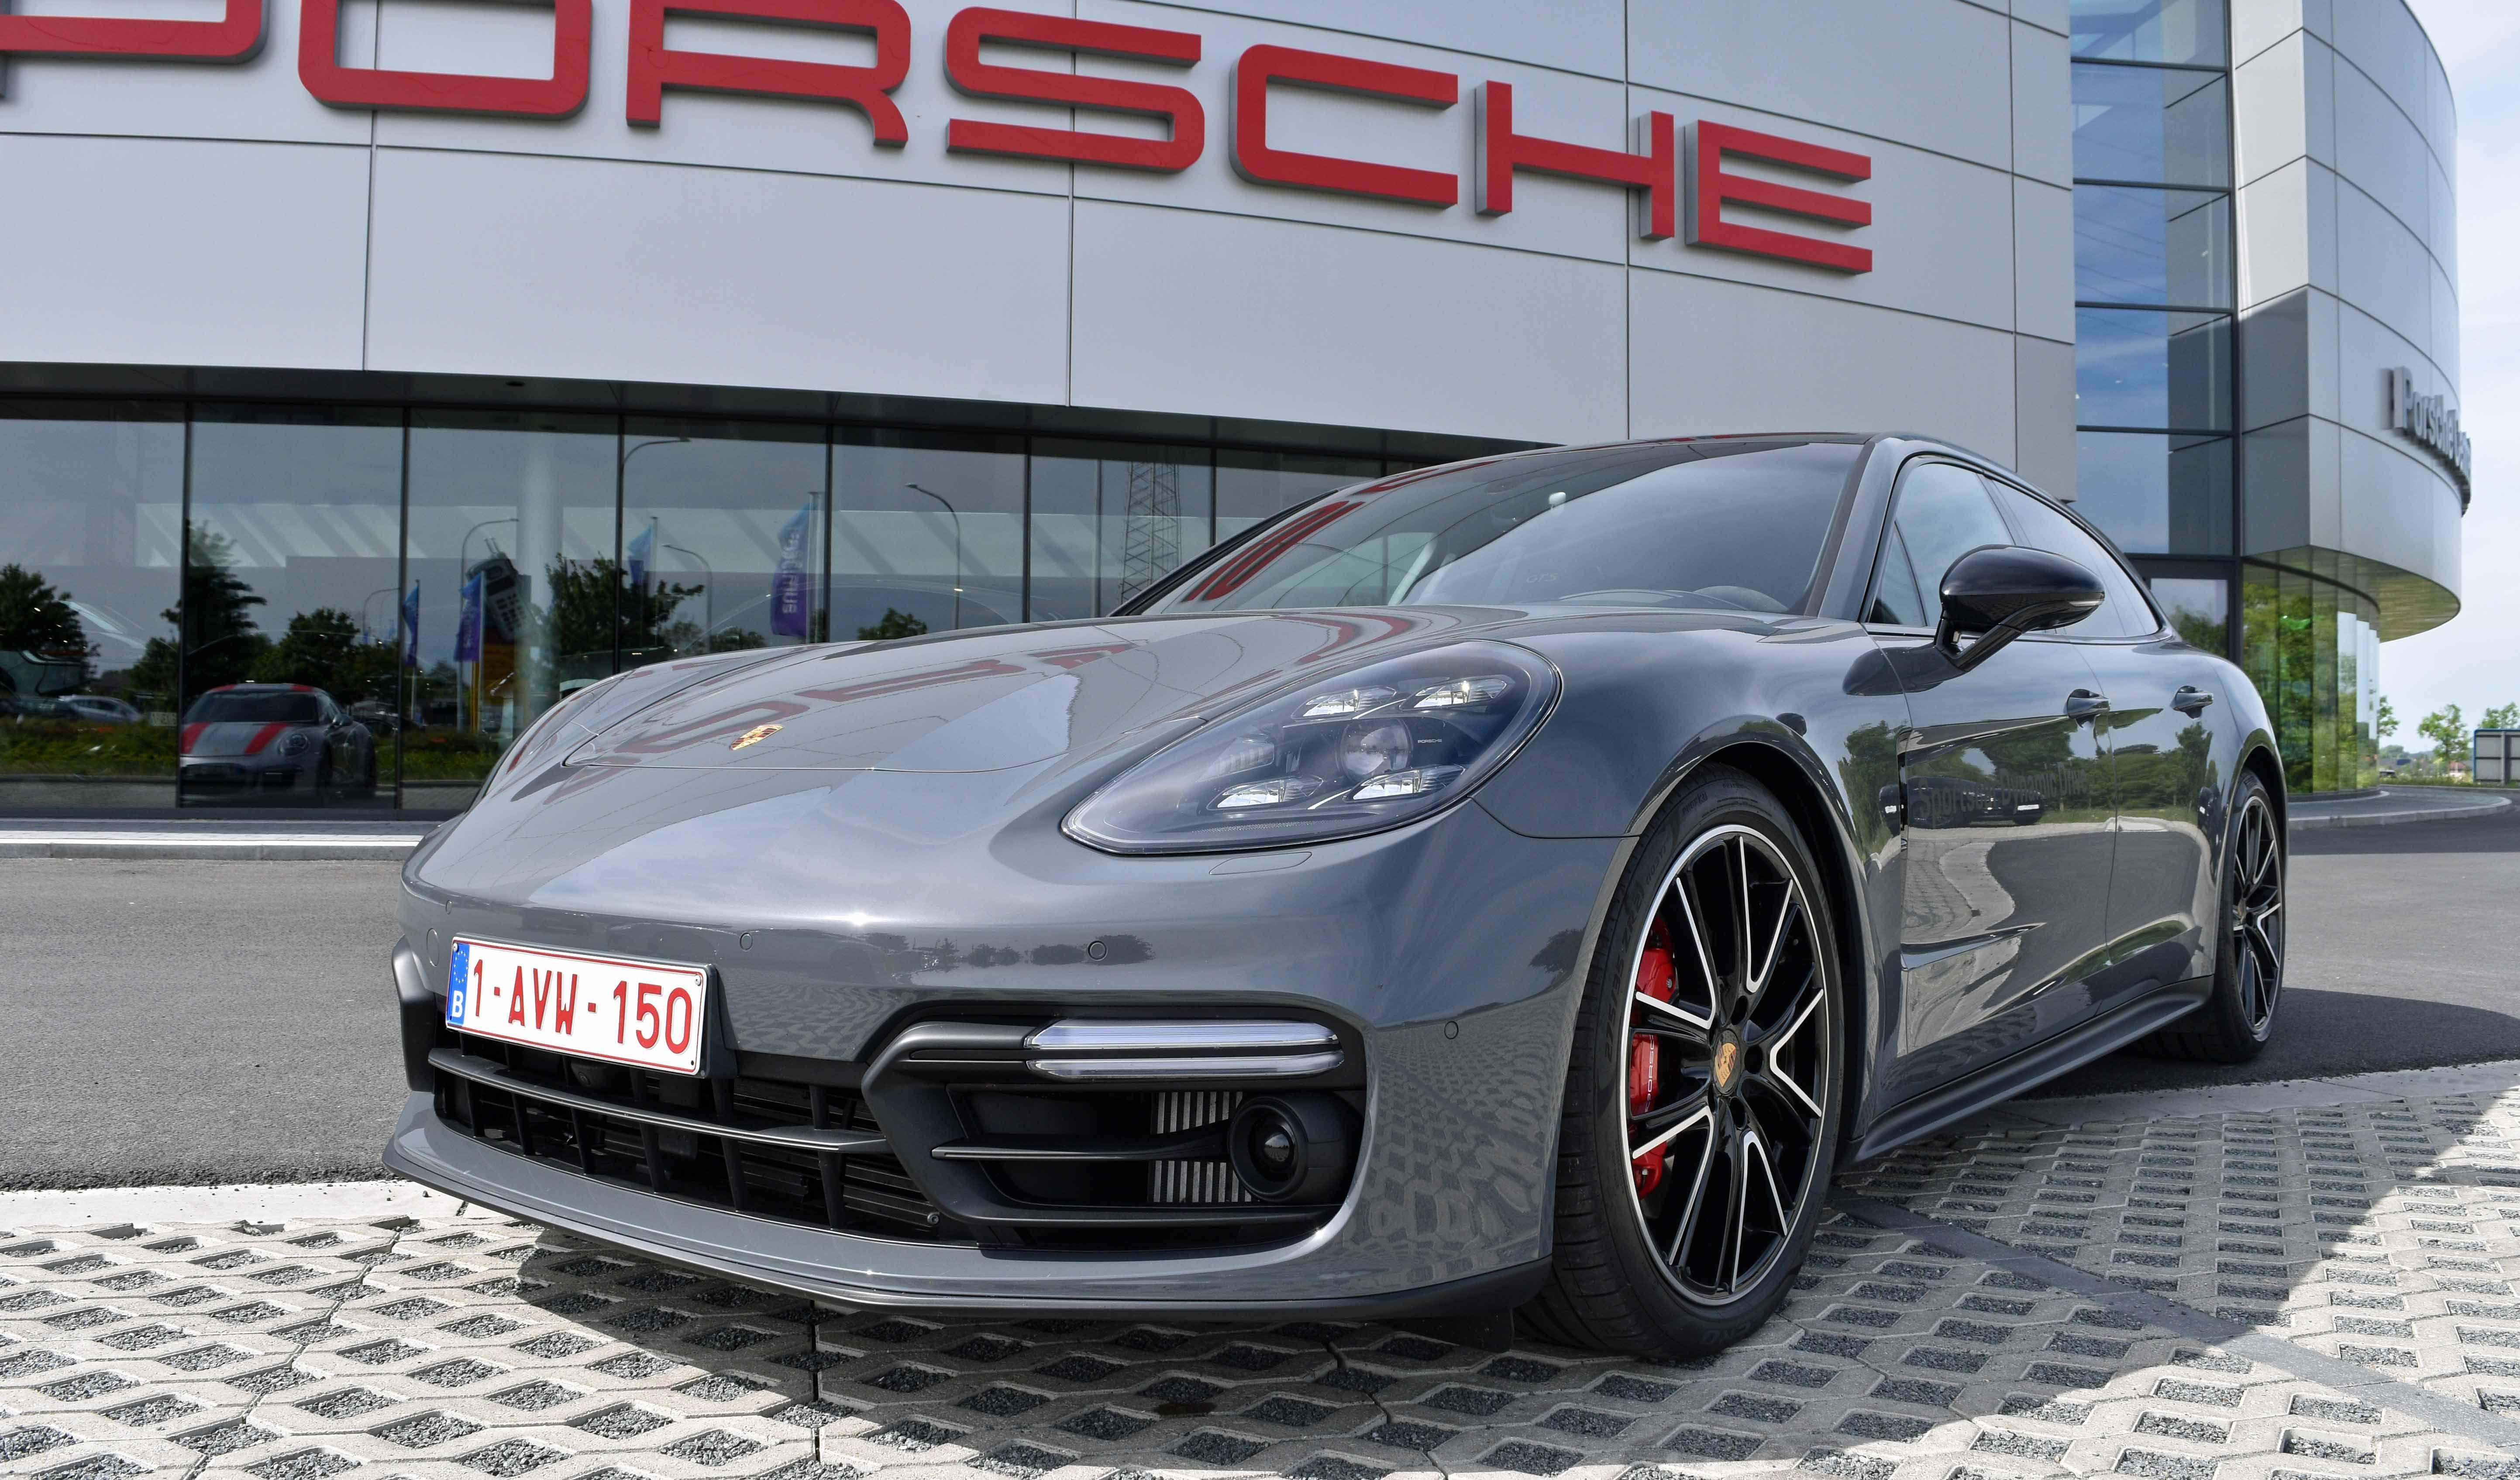 Grigio Telesto Porsche Panamera Gts Sport Turismo Pts